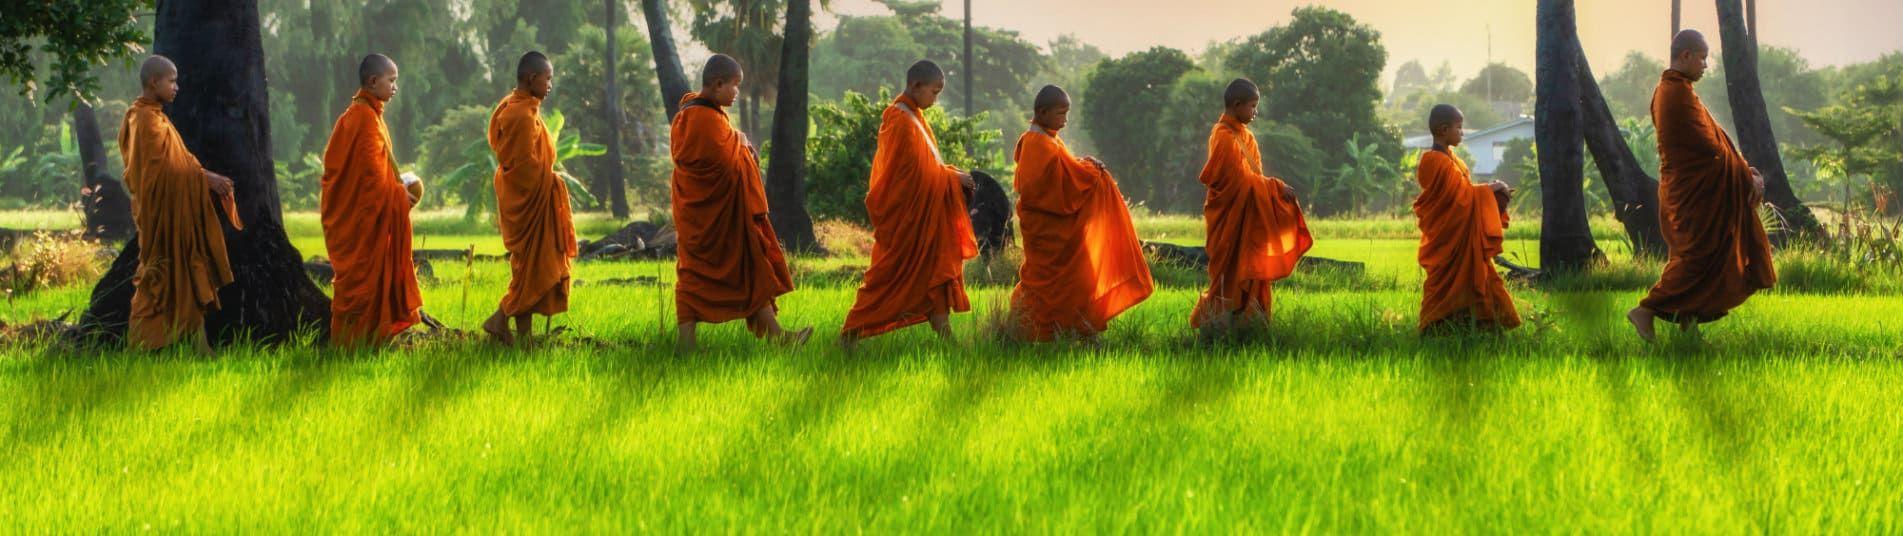 Moines boudhistes en Thailande